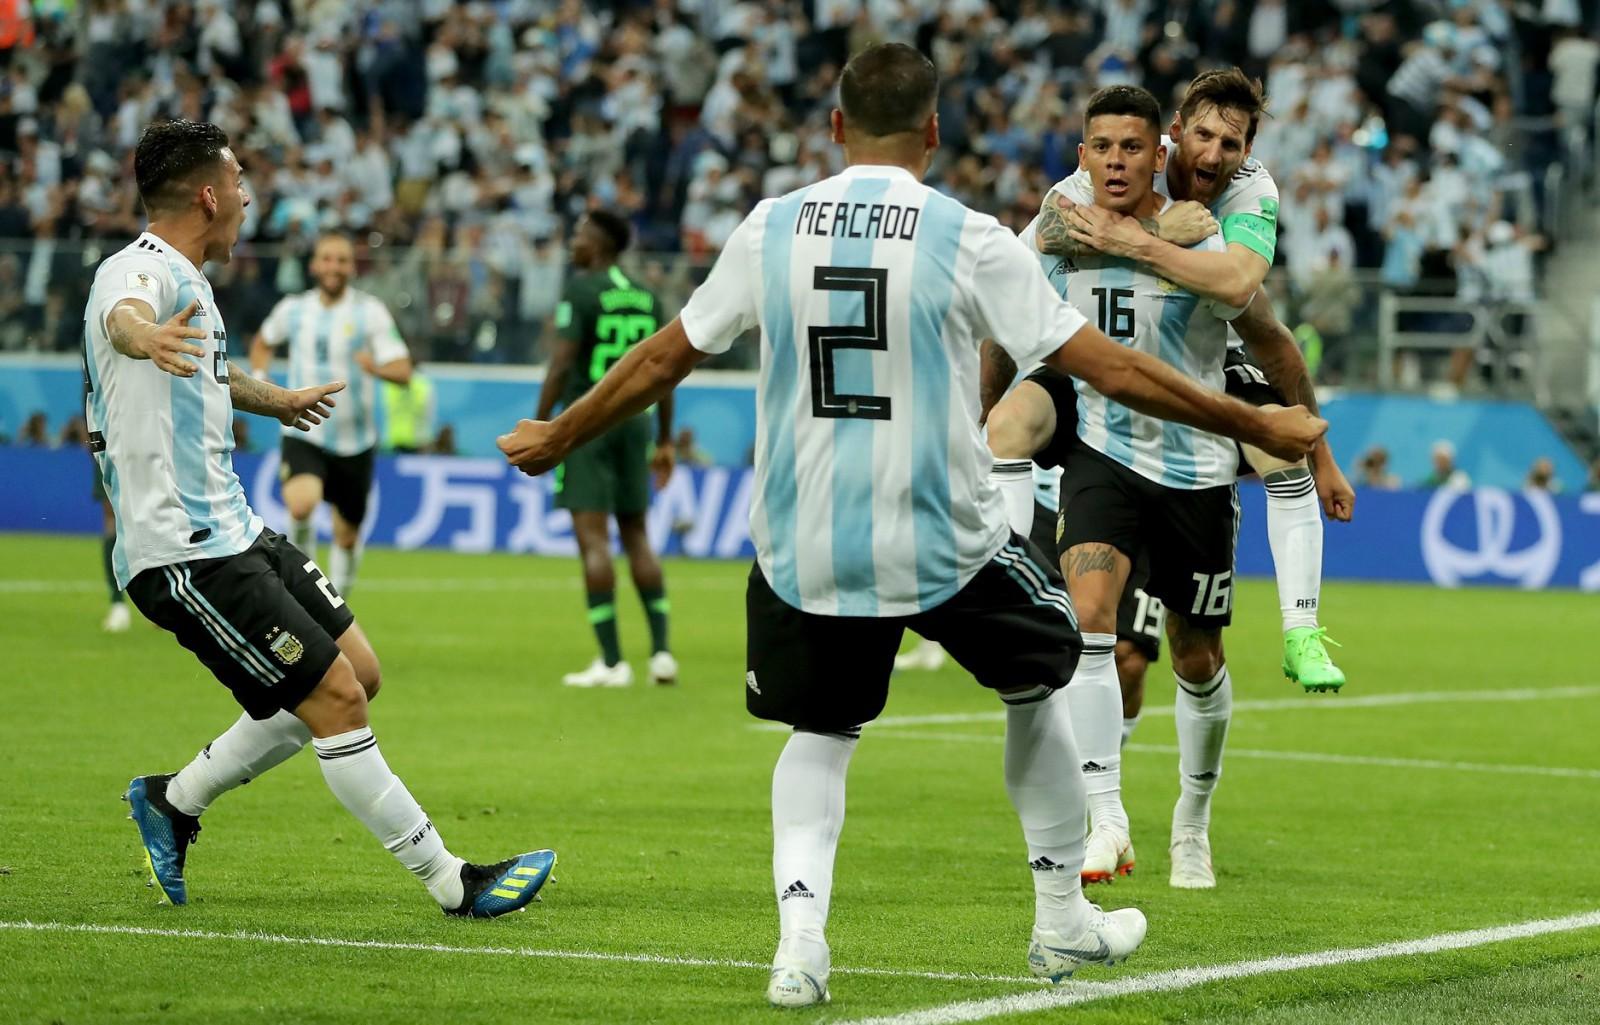 Naționala Argentinei s-a calificat dramatic în optimile Cupei Mondiale. Marcos Rojo a fost jucătorul decisiv pentru sud-americani în meciul cu Nigeria